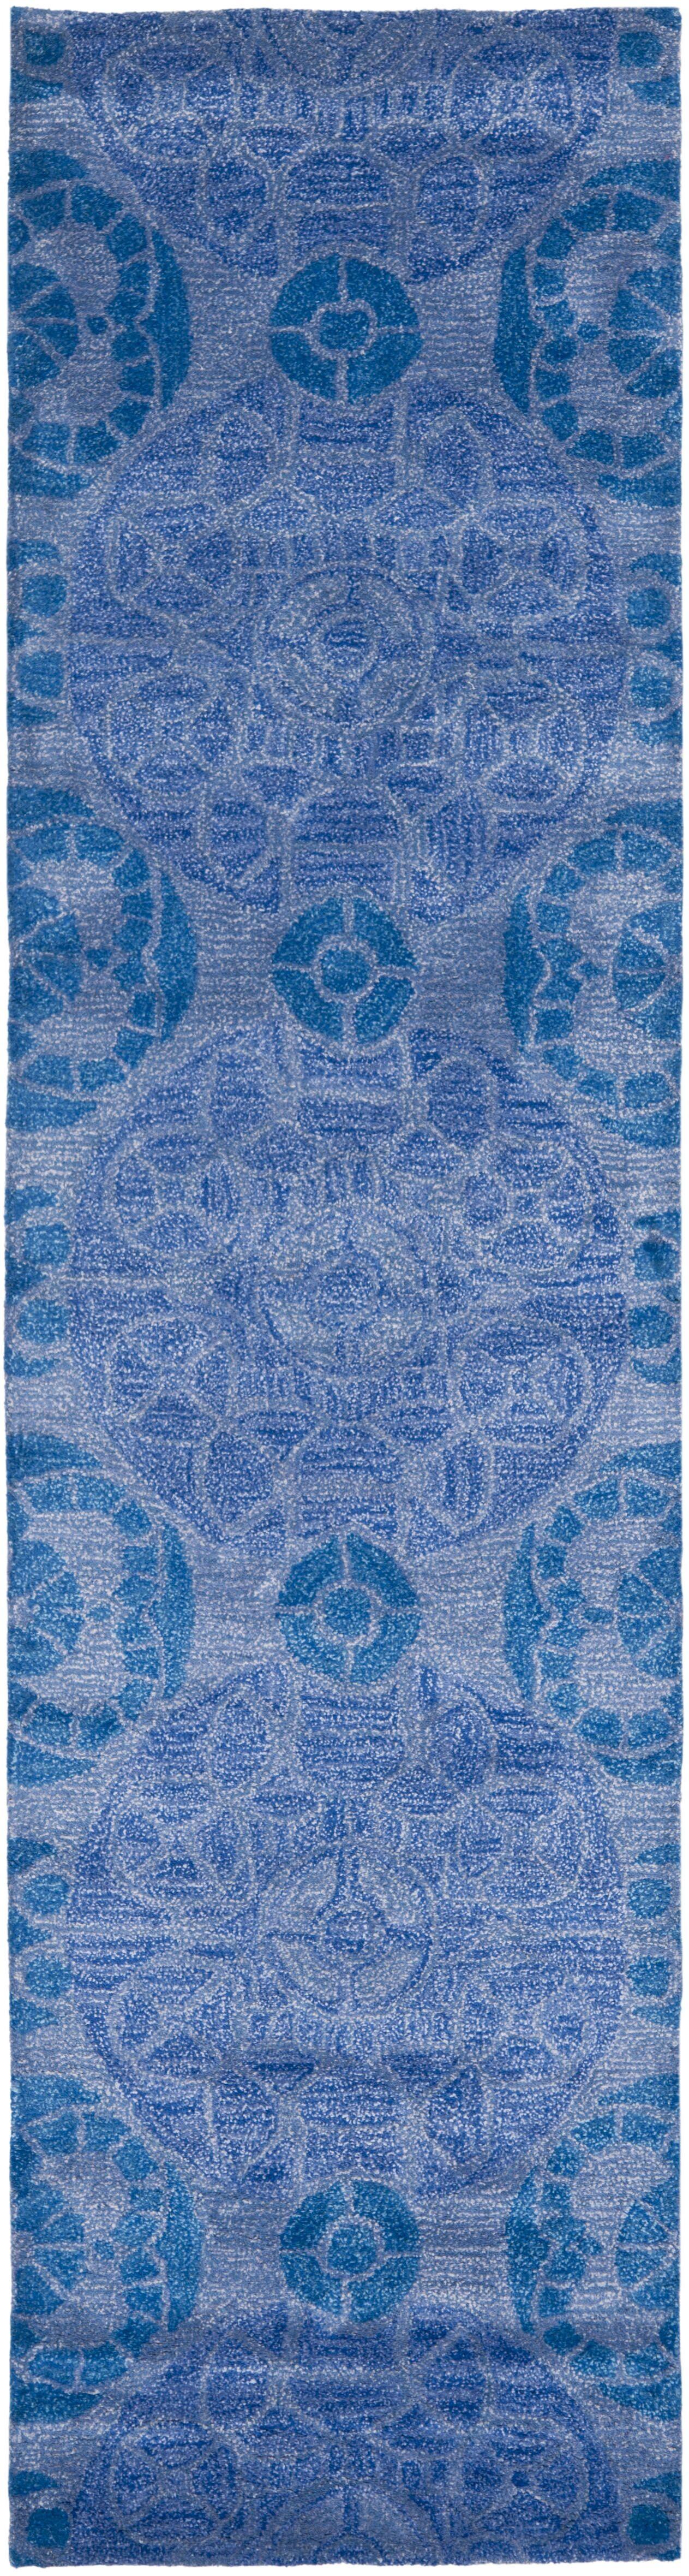 Kouerga Handmade Wool Blue Area Rug Rug Size: Runner 2'3